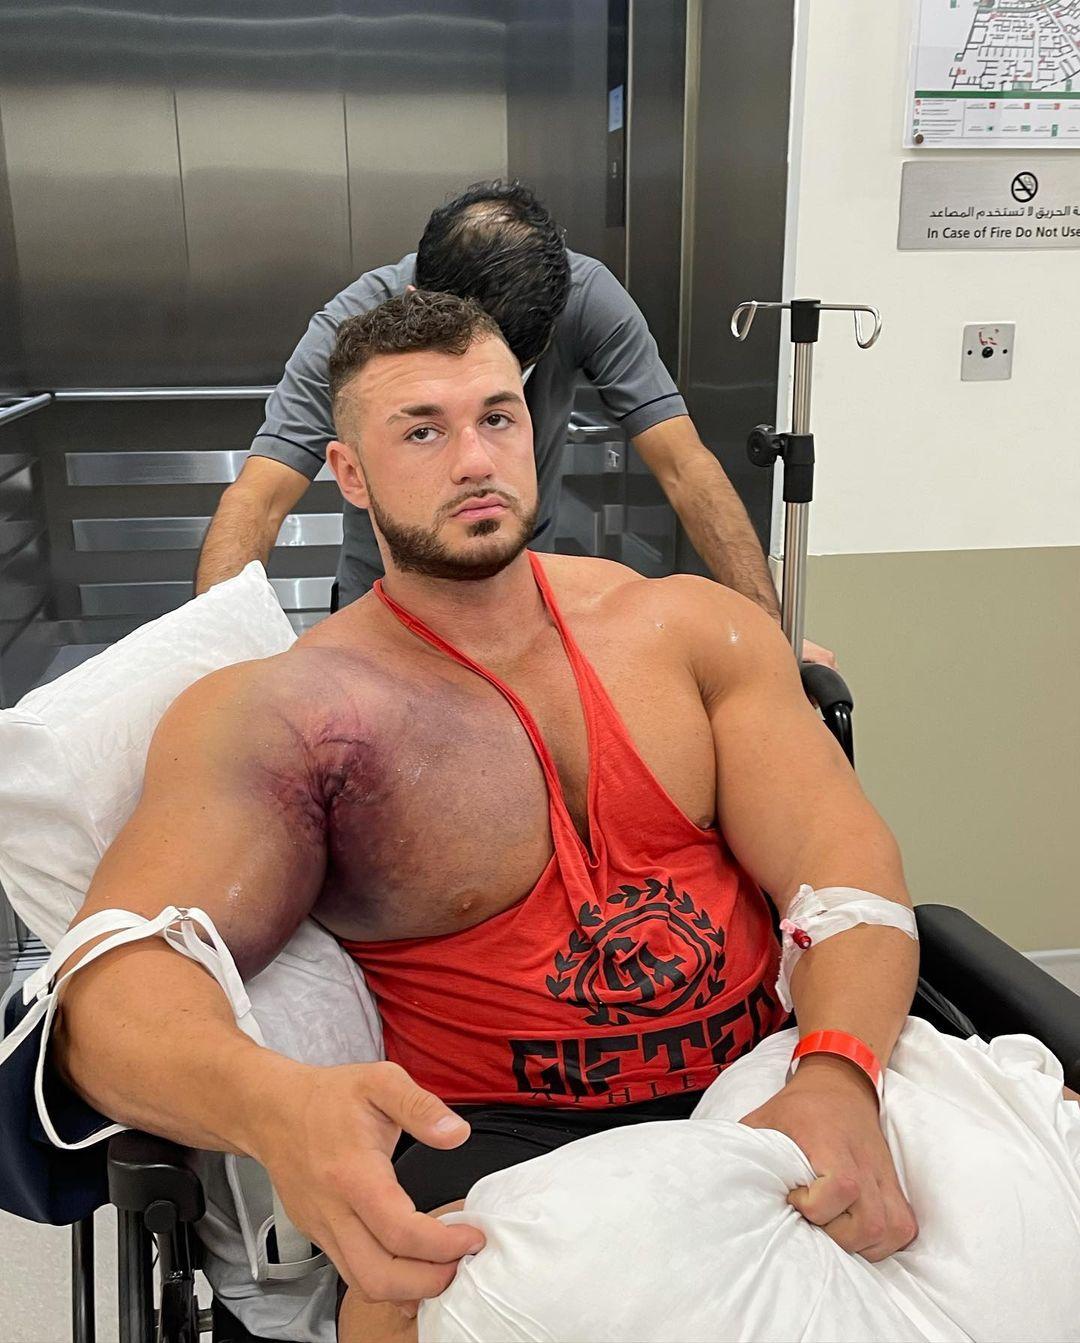 影/猛男臥推220公斤「右胸突隆起」 慘叫「撕裂了」一片黑紫